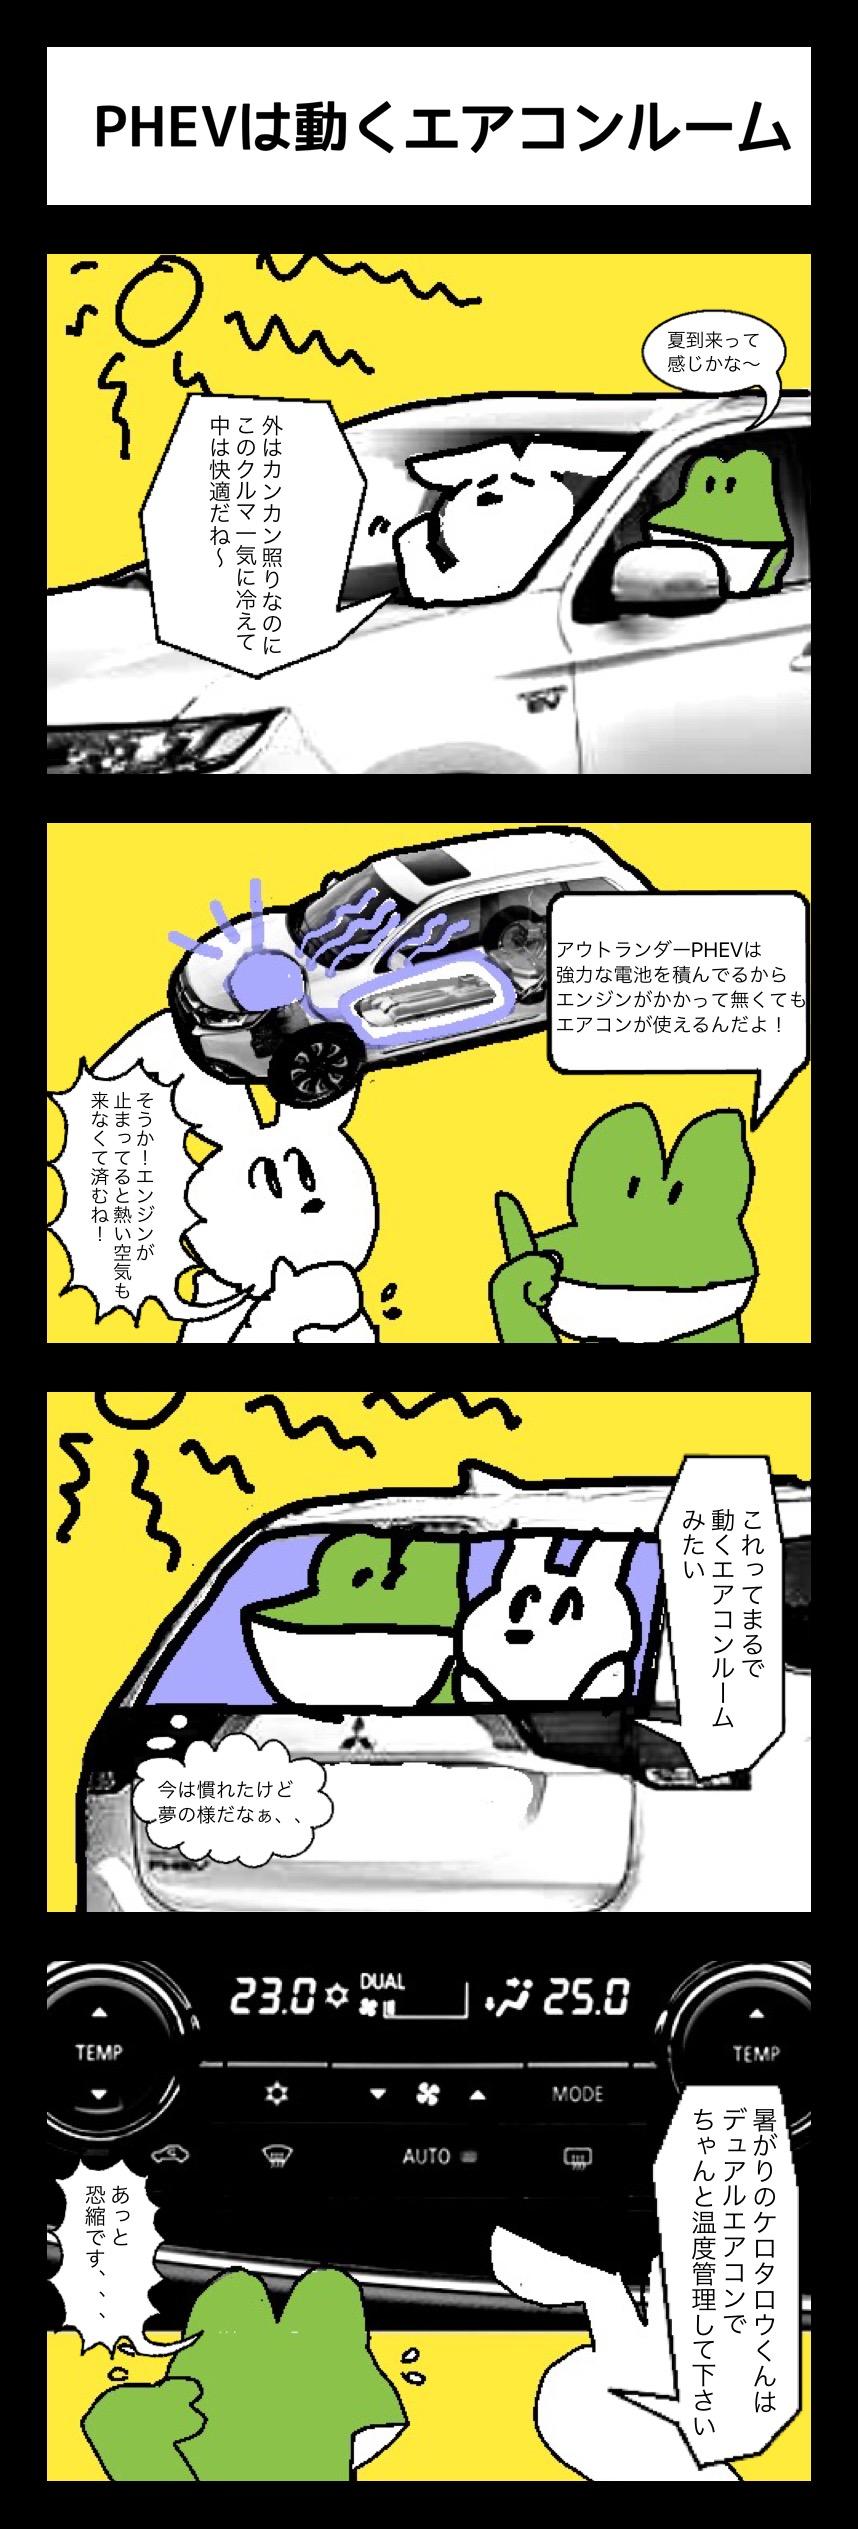 PHEV鳥獣戯画 その19 「PHEVは動くエアコンルーム」